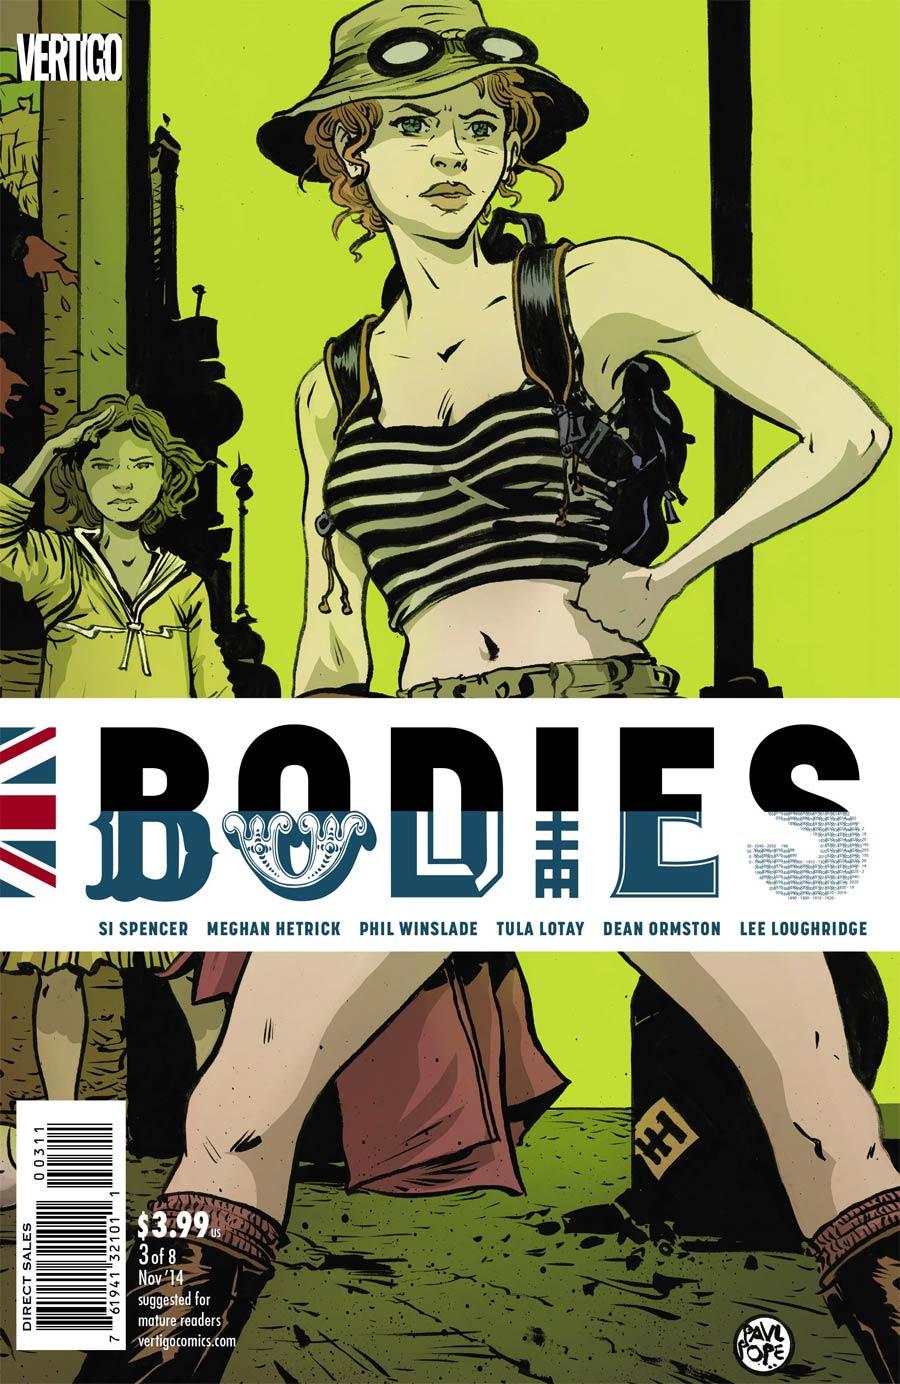 Bodies #3